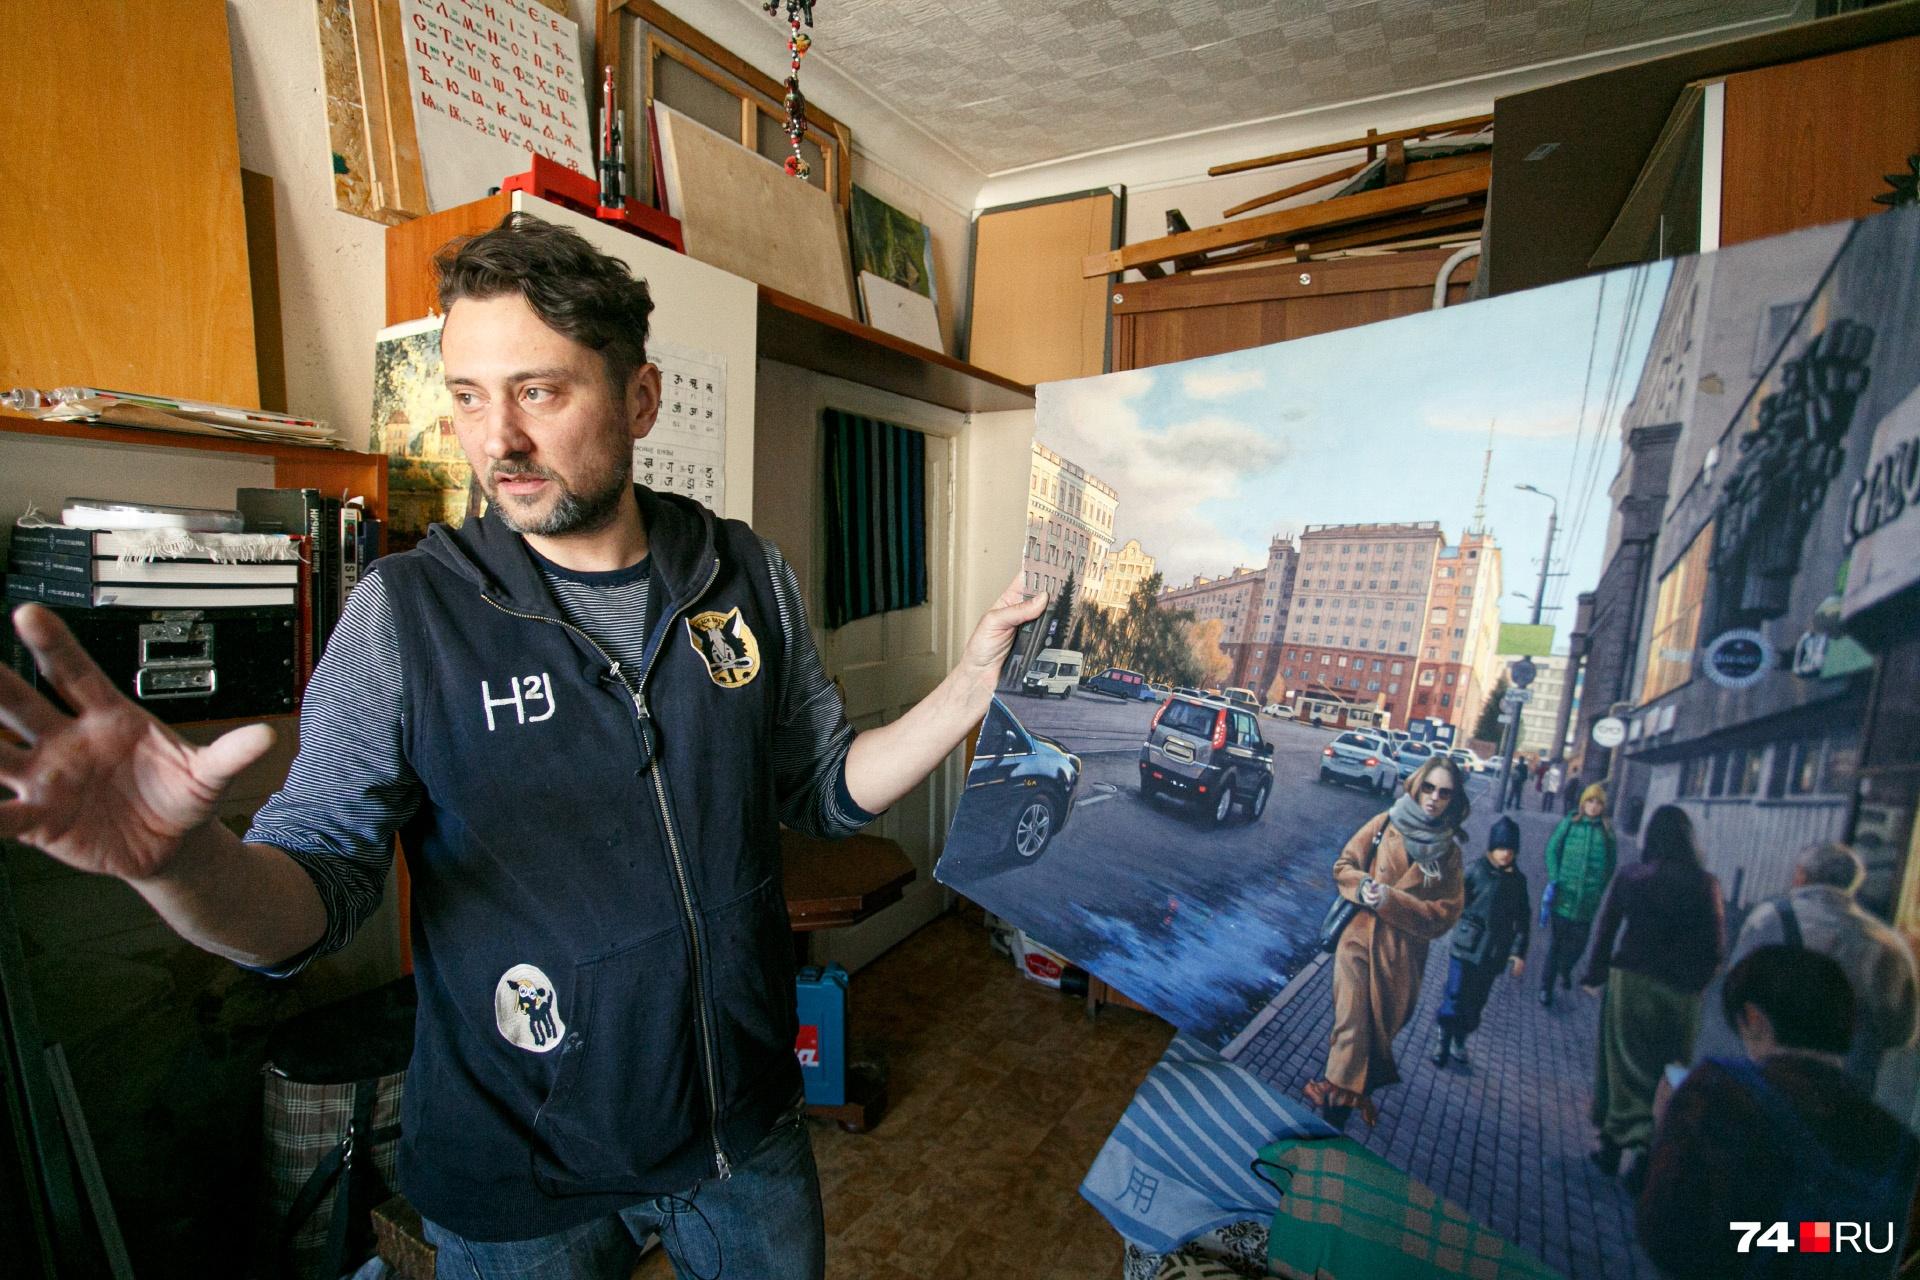 Художник вернулся в Челябинск и начал рисовать родной город около двух лет назад, когда у него обнаружили рак